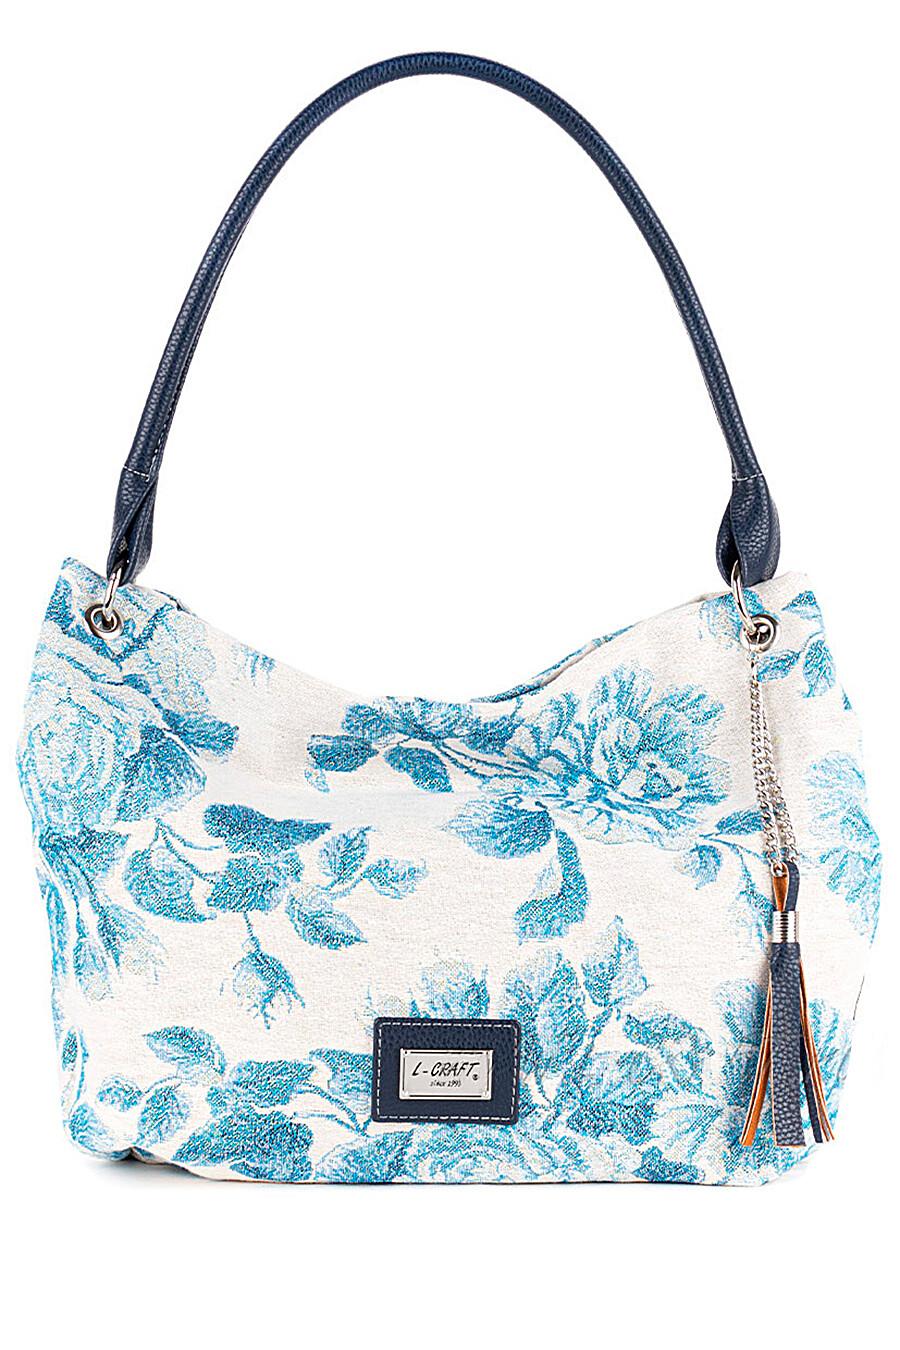 Сумка для женщин L-CRAFT 667920 купить оптом от производителя. Совместная покупка женской одежды в OptMoyo